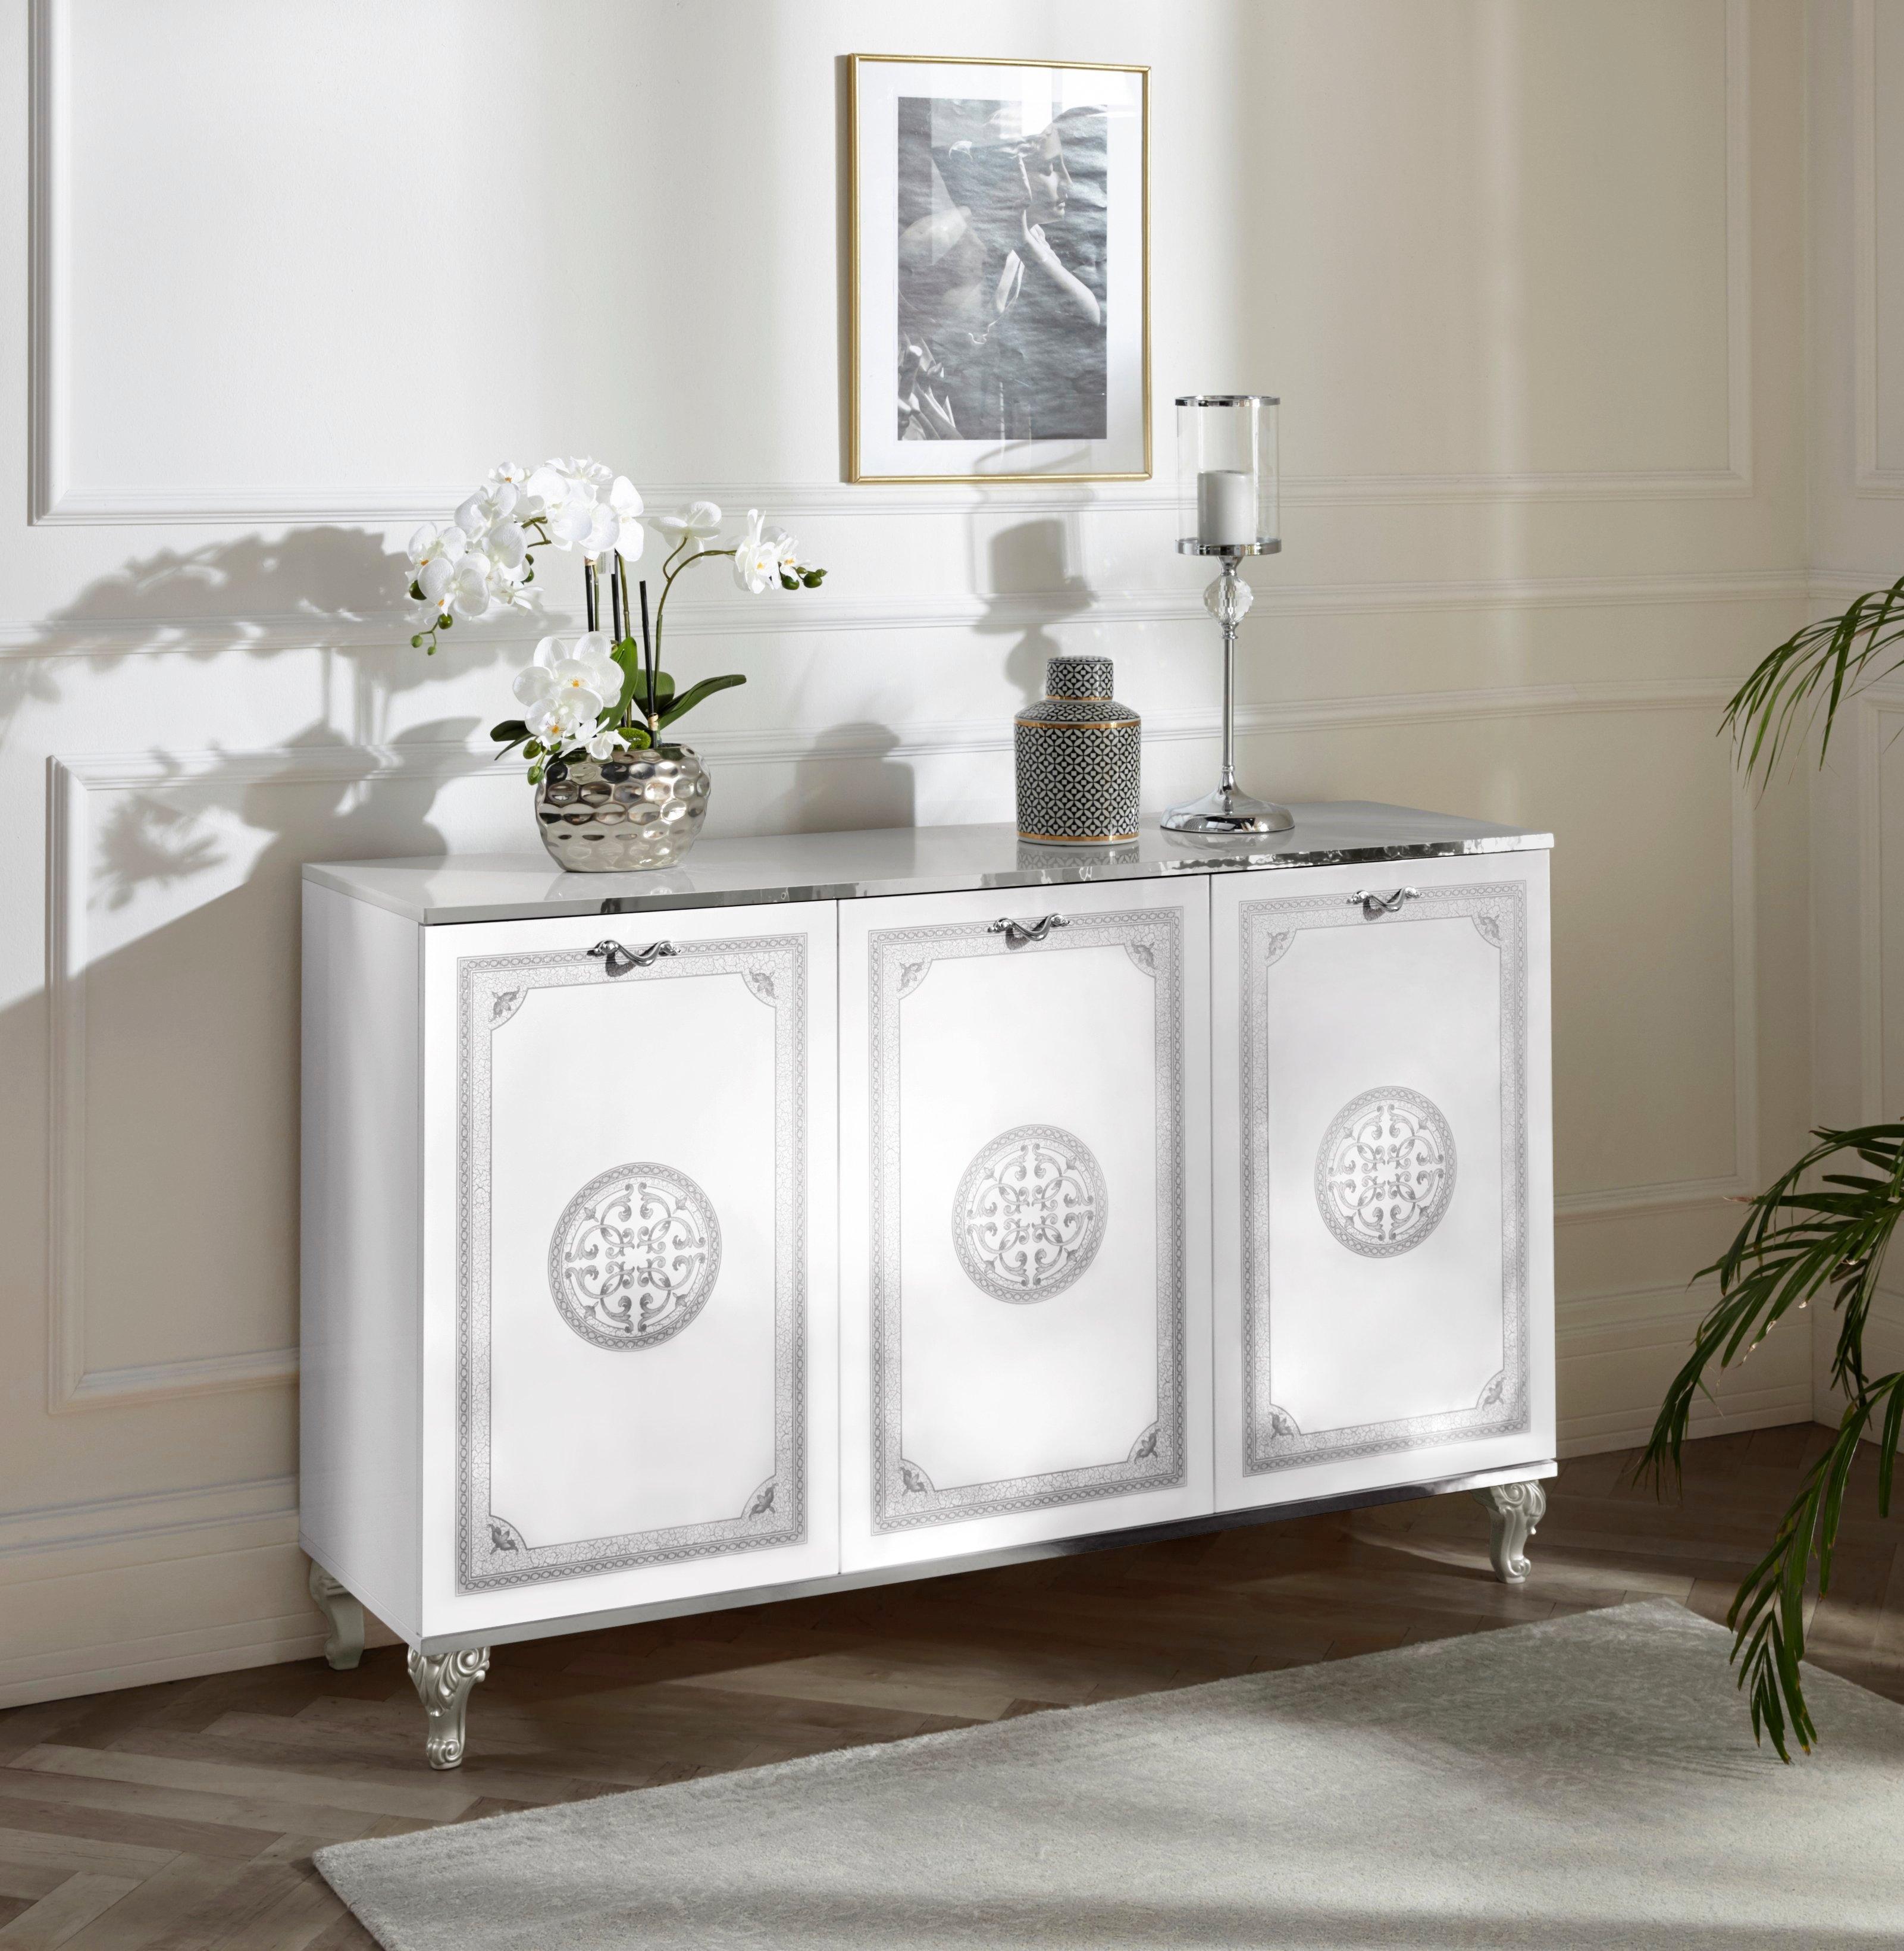 KITALY dressoir »CONTEMPORANEO« bij OTTO online kopen